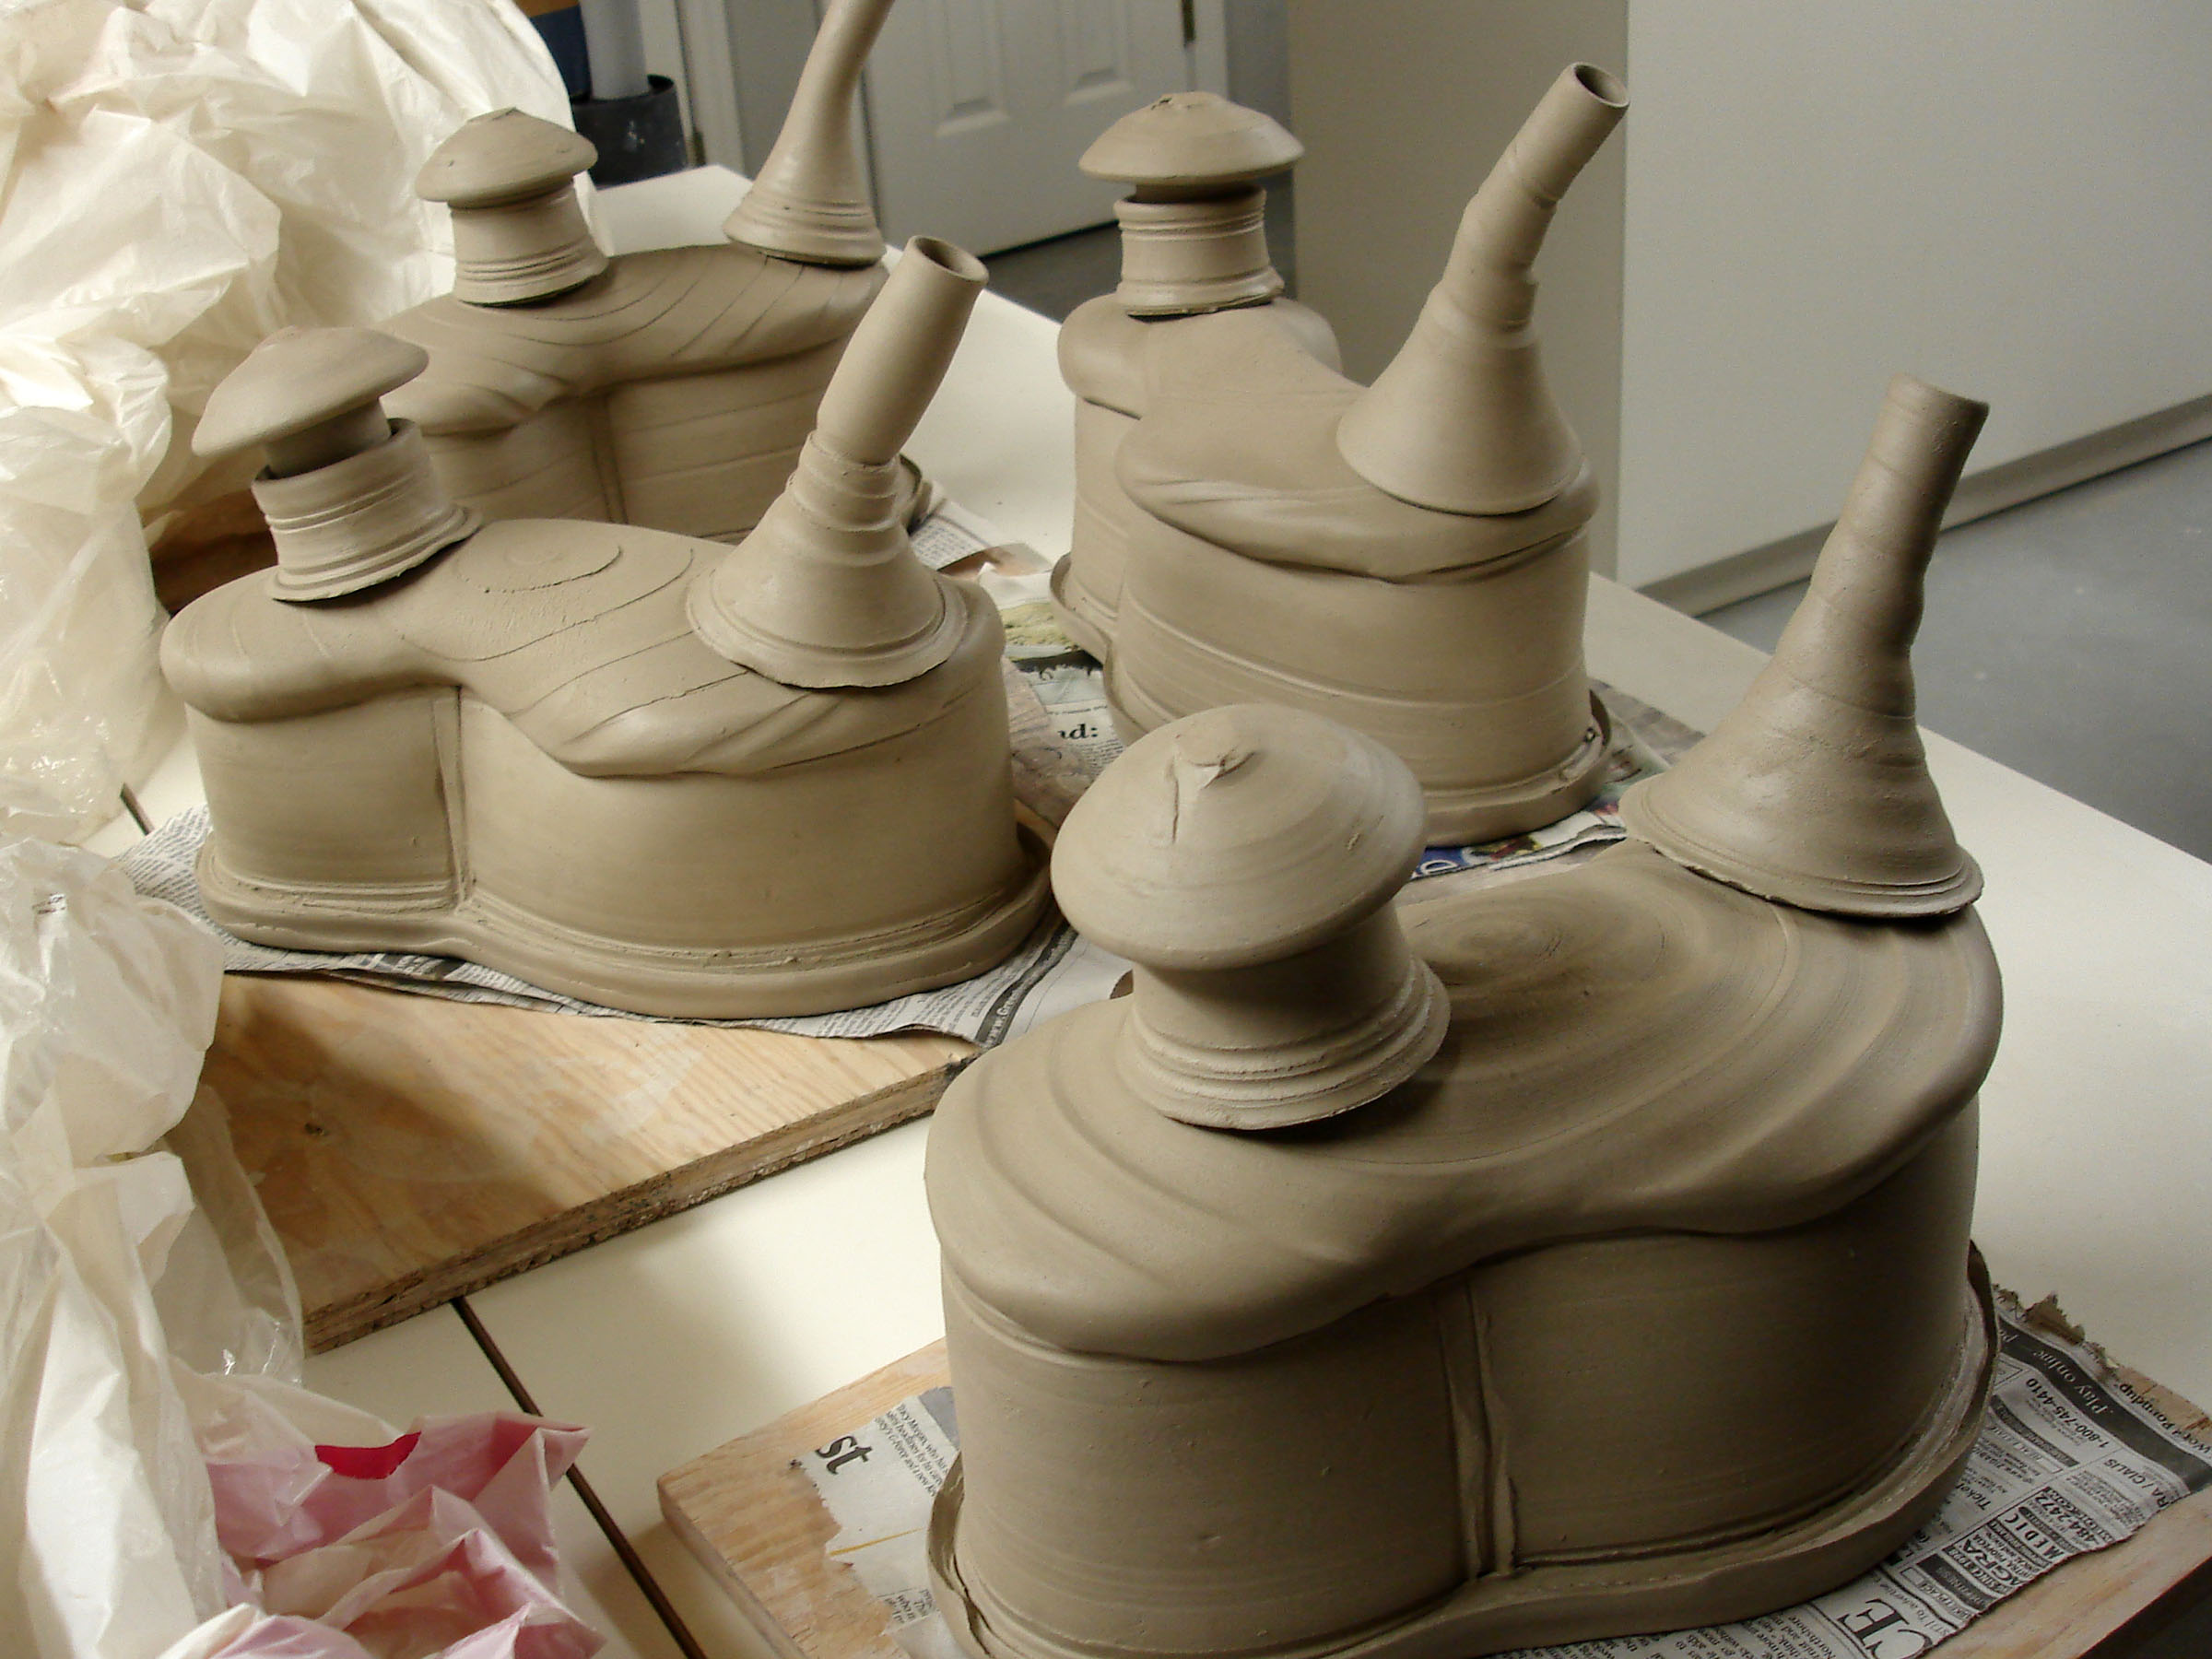 teapots in process.jpg